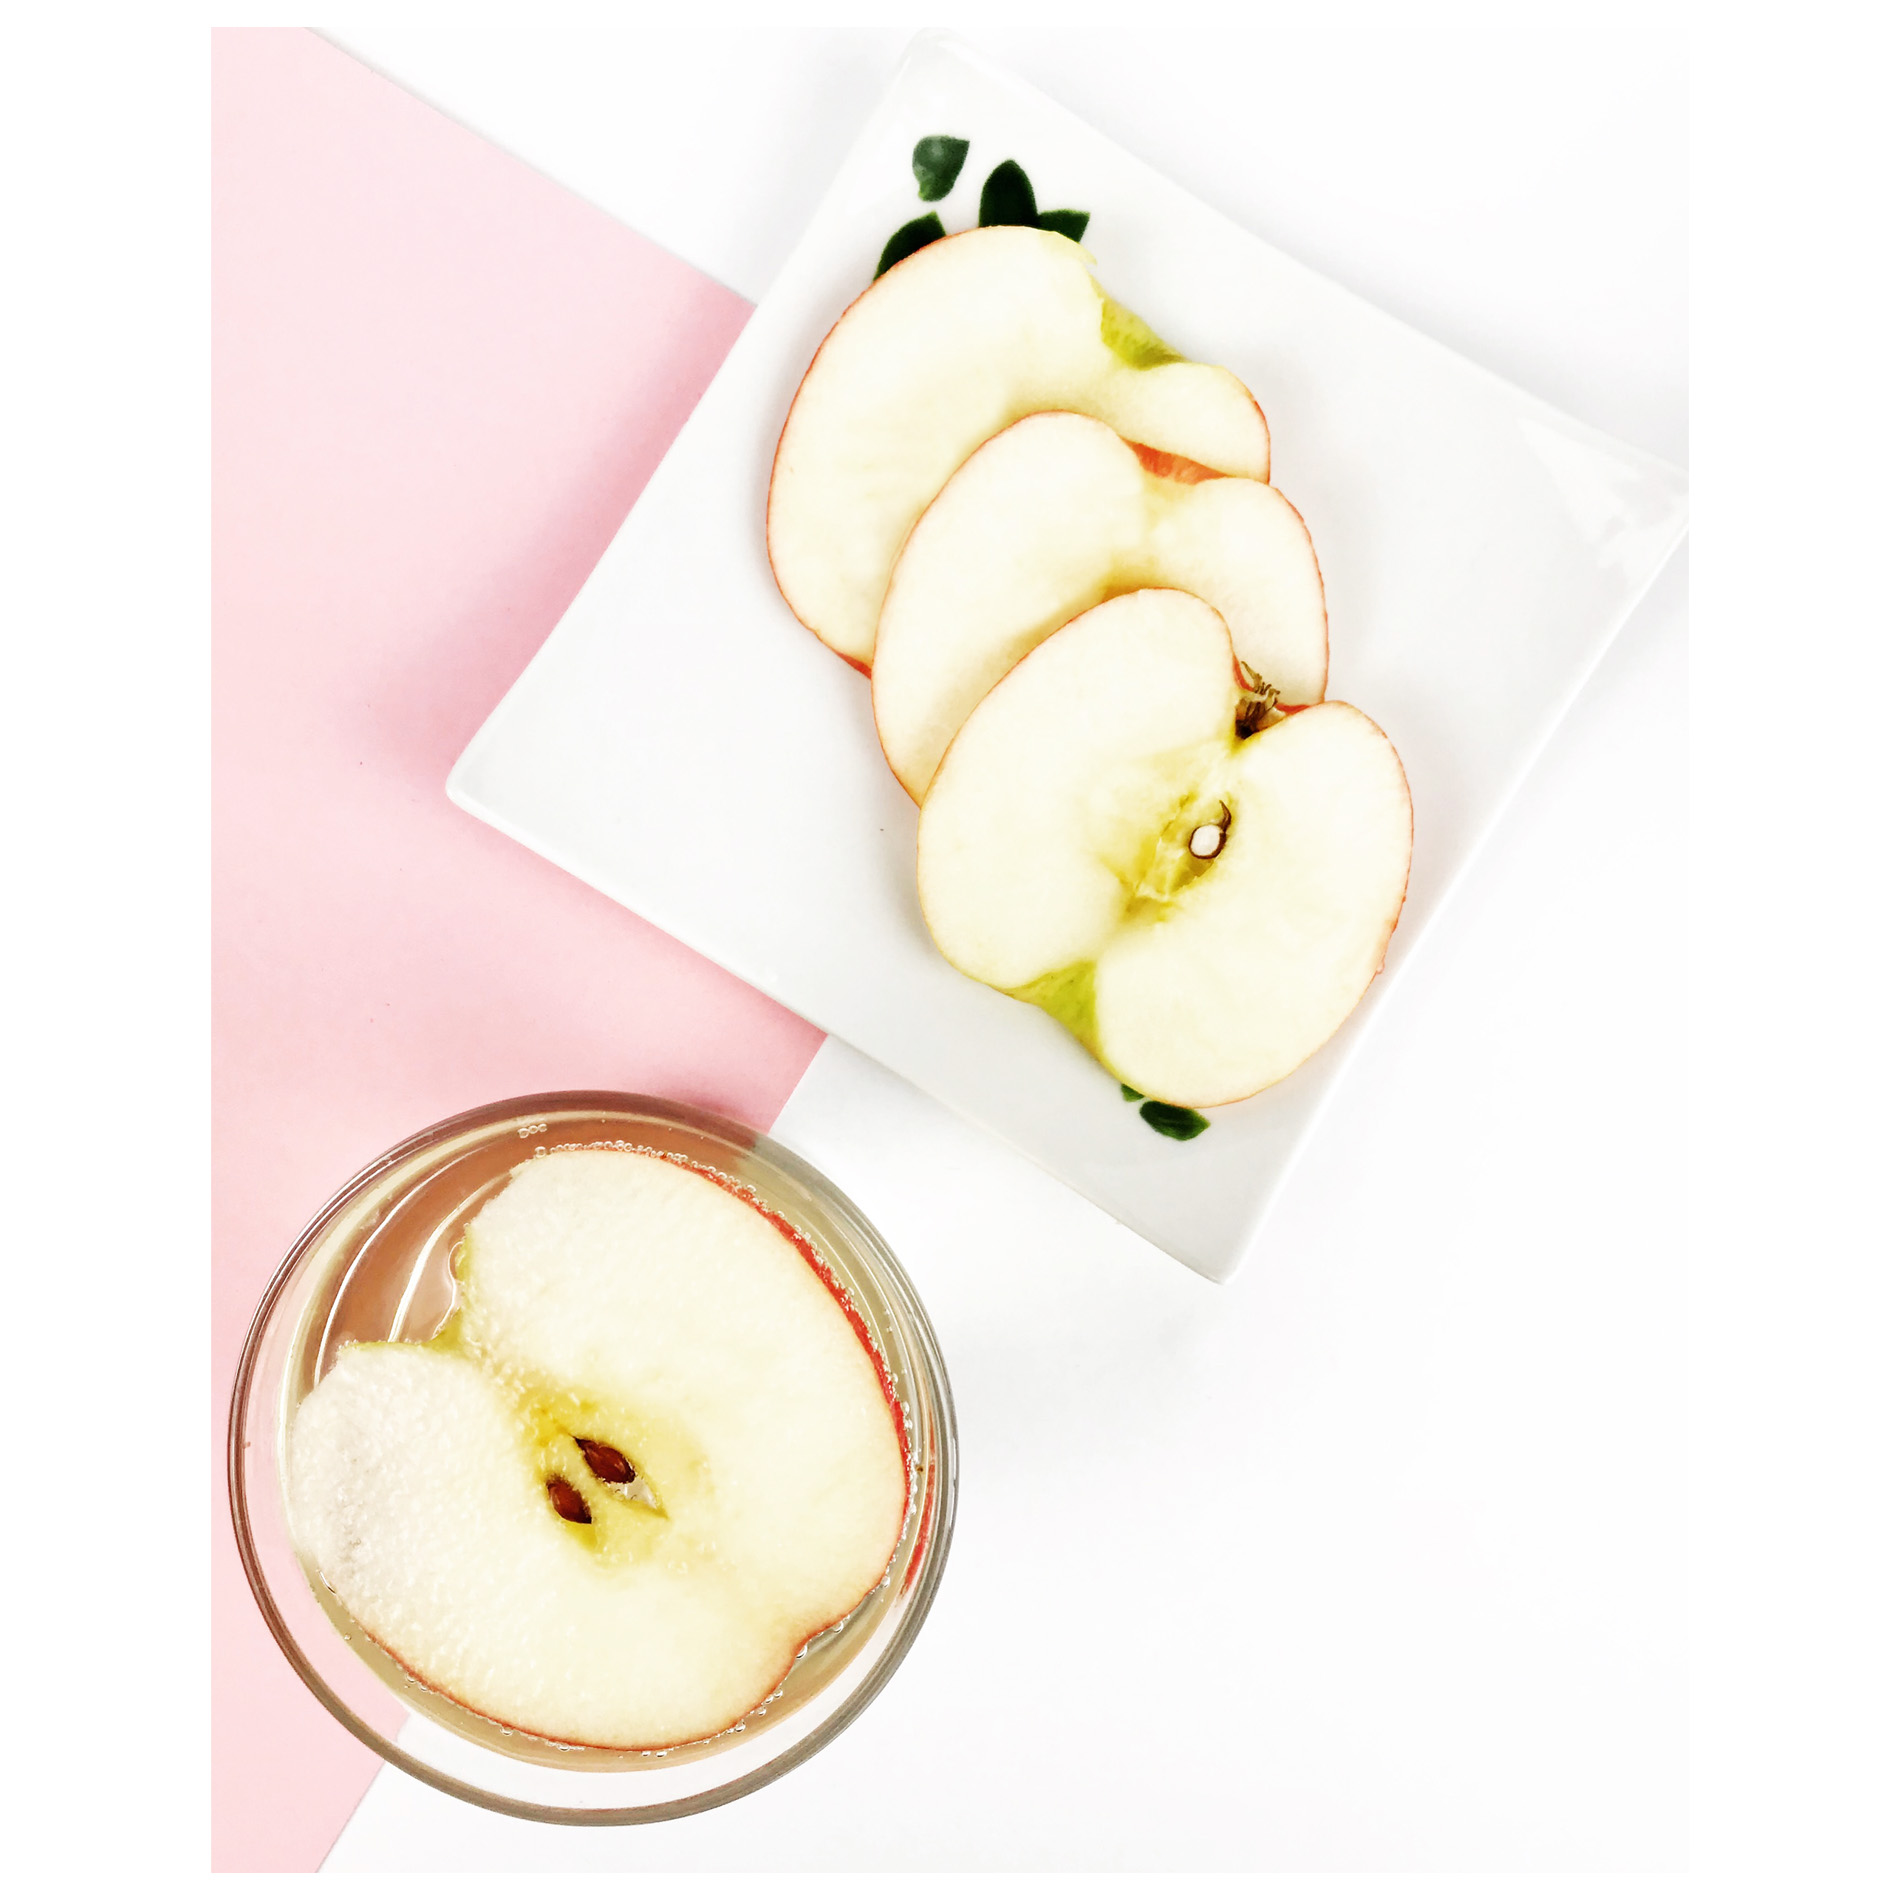 Apfelessig trinken ist gesund, Apfelessig ein Wundermittel für den Körper, Apfelessig ist gesund, Ein Glas Apfelessig am Tag, schöne Haut mit Apfelessig, gesund leben, Naturkosmetik, So gesund ist Apfelessig